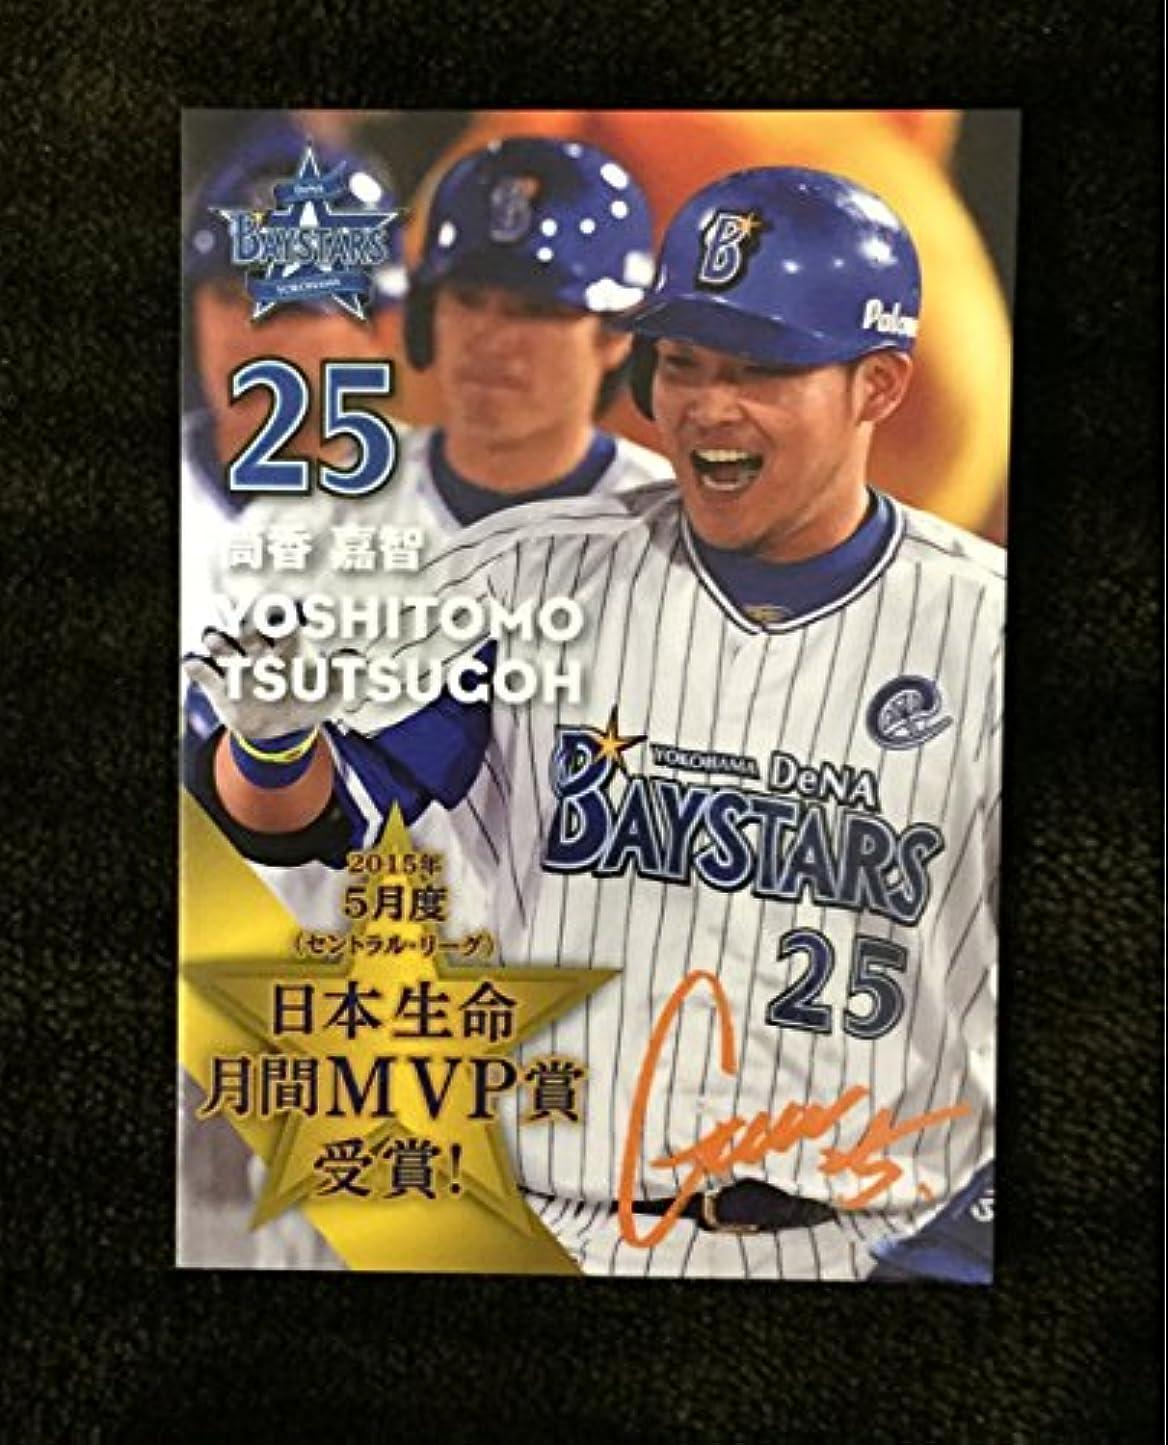 けがをする発表する損なう横浜ベイスターズ 月間MVPカード #25筒香嘉智